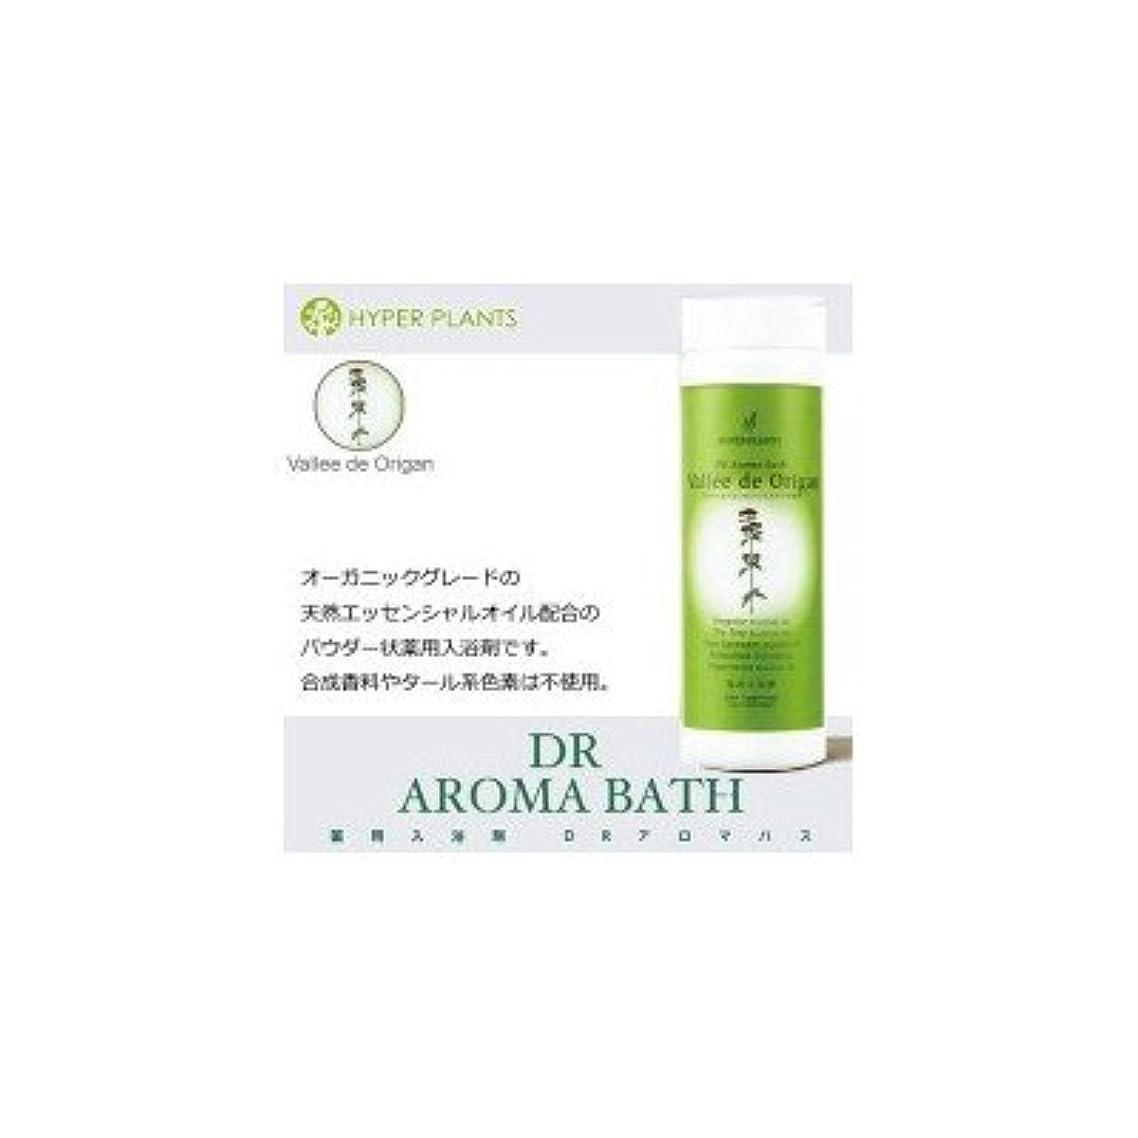 ラフト神の深さ医薬部外品 薬用入浴剤 ハイパープランツ(HYPER PLANTS) DRアロマバス ヴァレドオリガン 500g HN0218